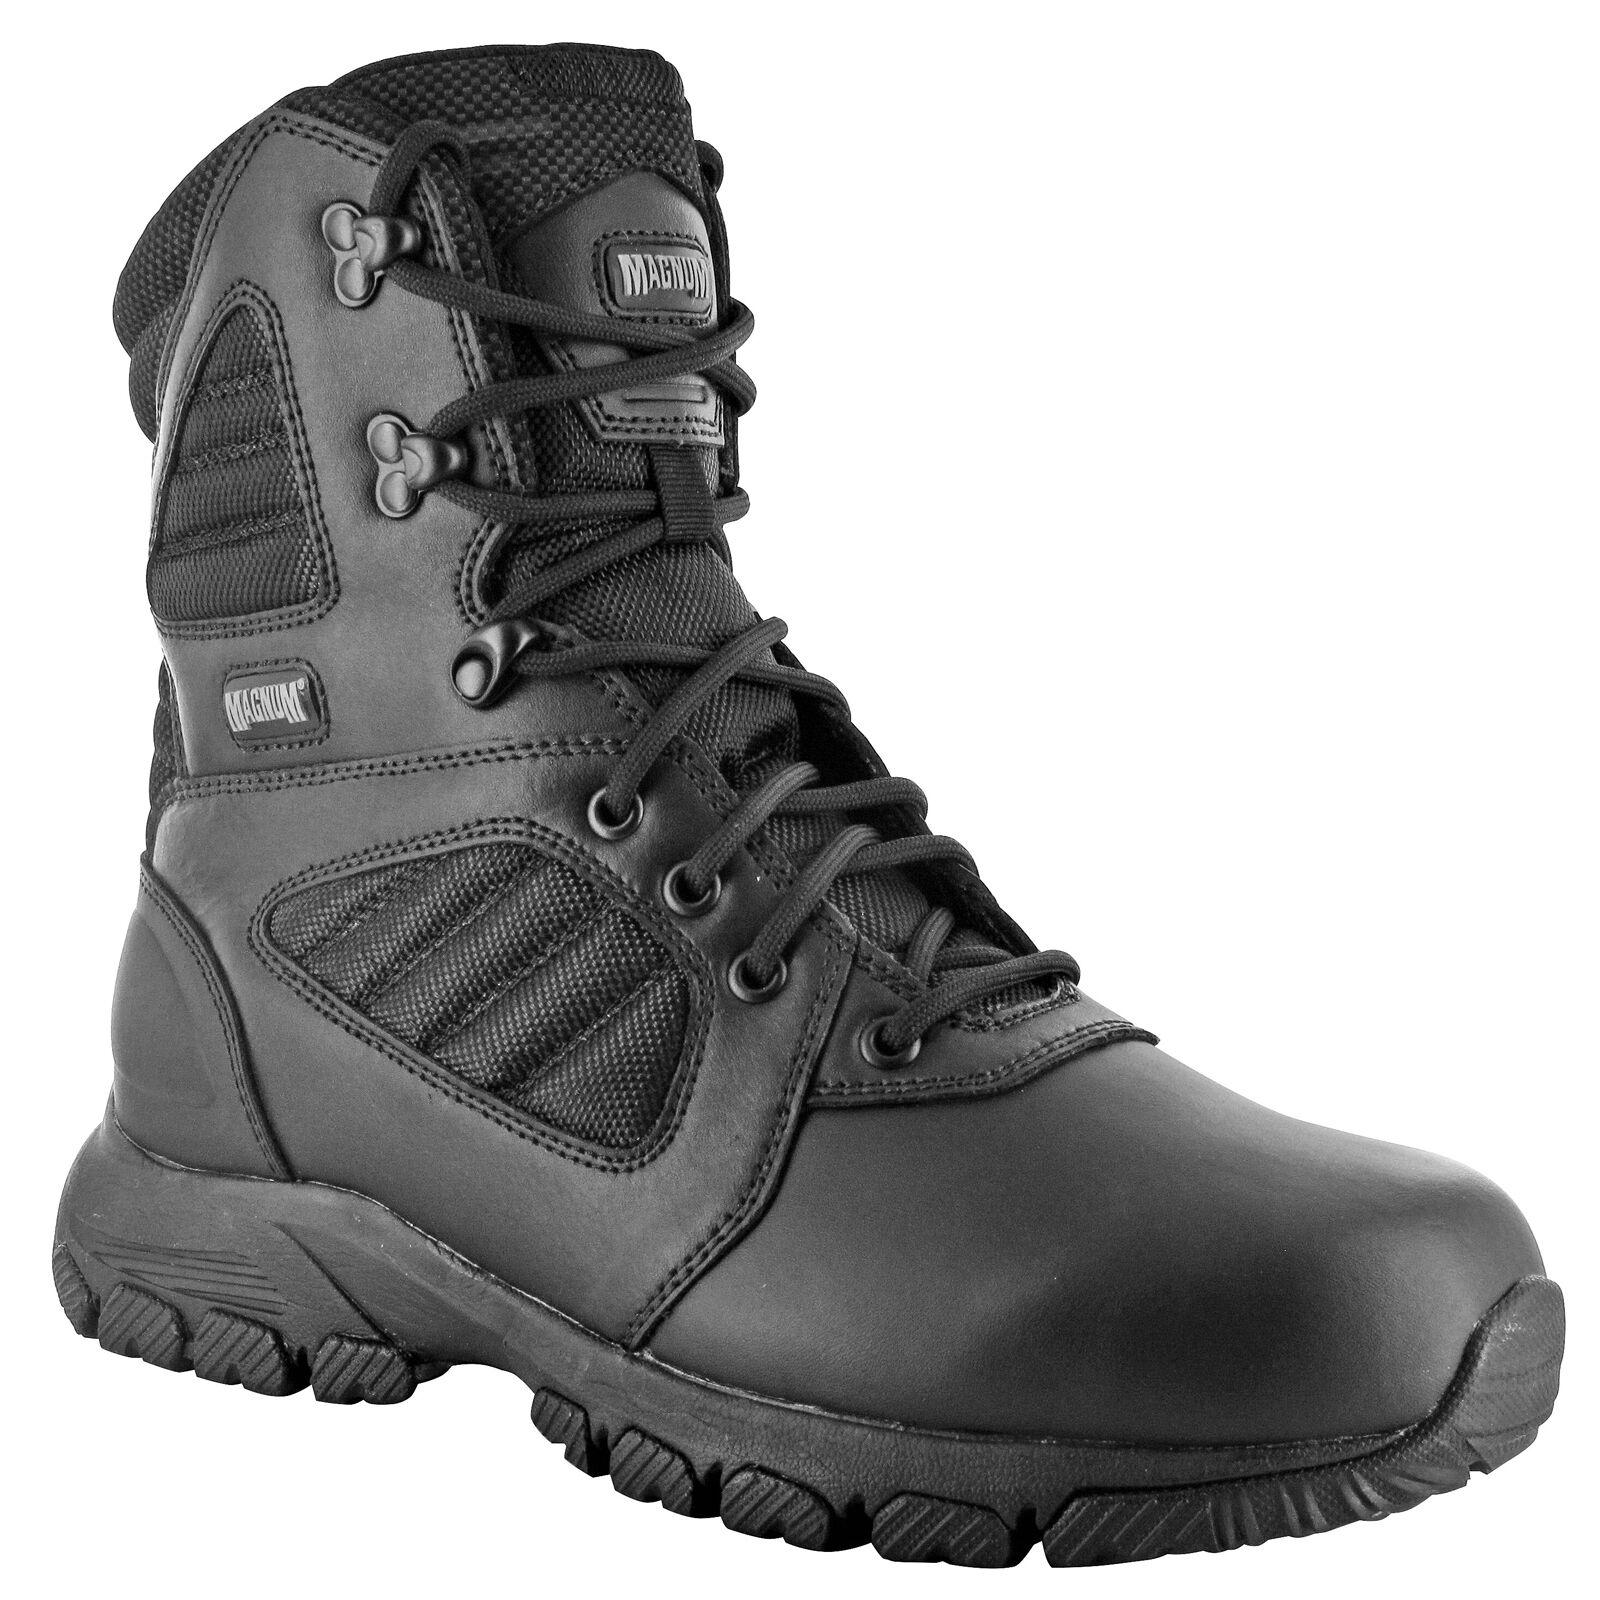 HI-TEC Boots - Magnum Lynx 8.0 Black Schuhe Herren Boots HI-TEC Ranger Security Polizei Paint e2c6f5